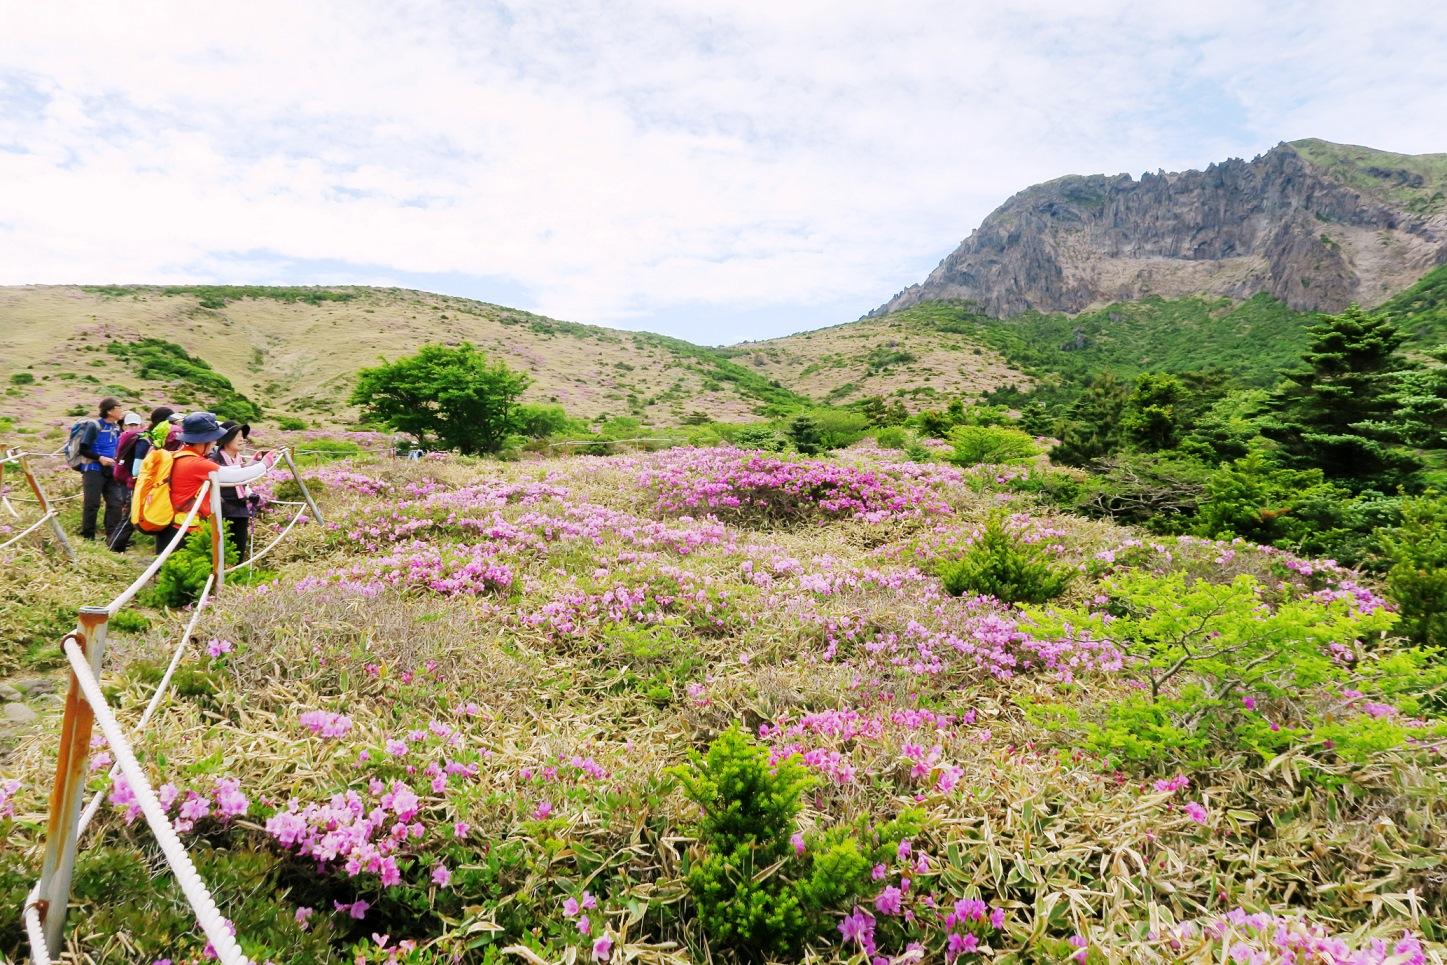 6月5日出発「韓国最高峰・漢拏山登頂とツツジ咲く西壁展望ハイキング 4日間」